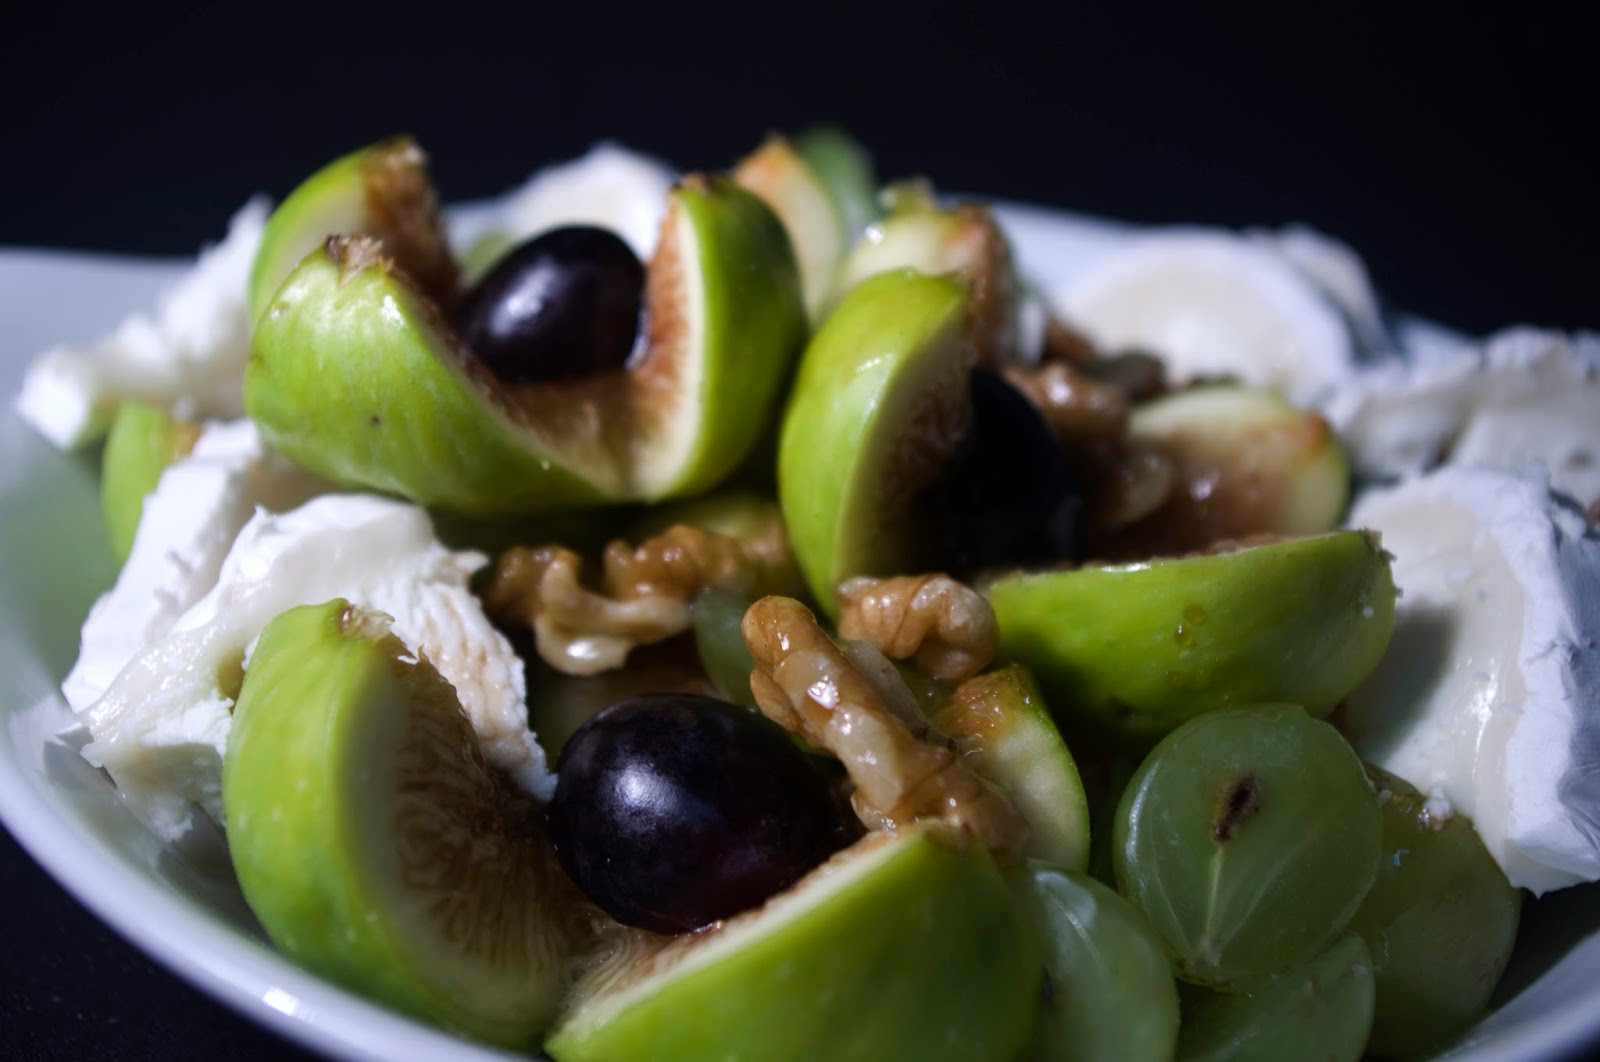 Ensalada de higos, uvas, queso de cabra y nueces